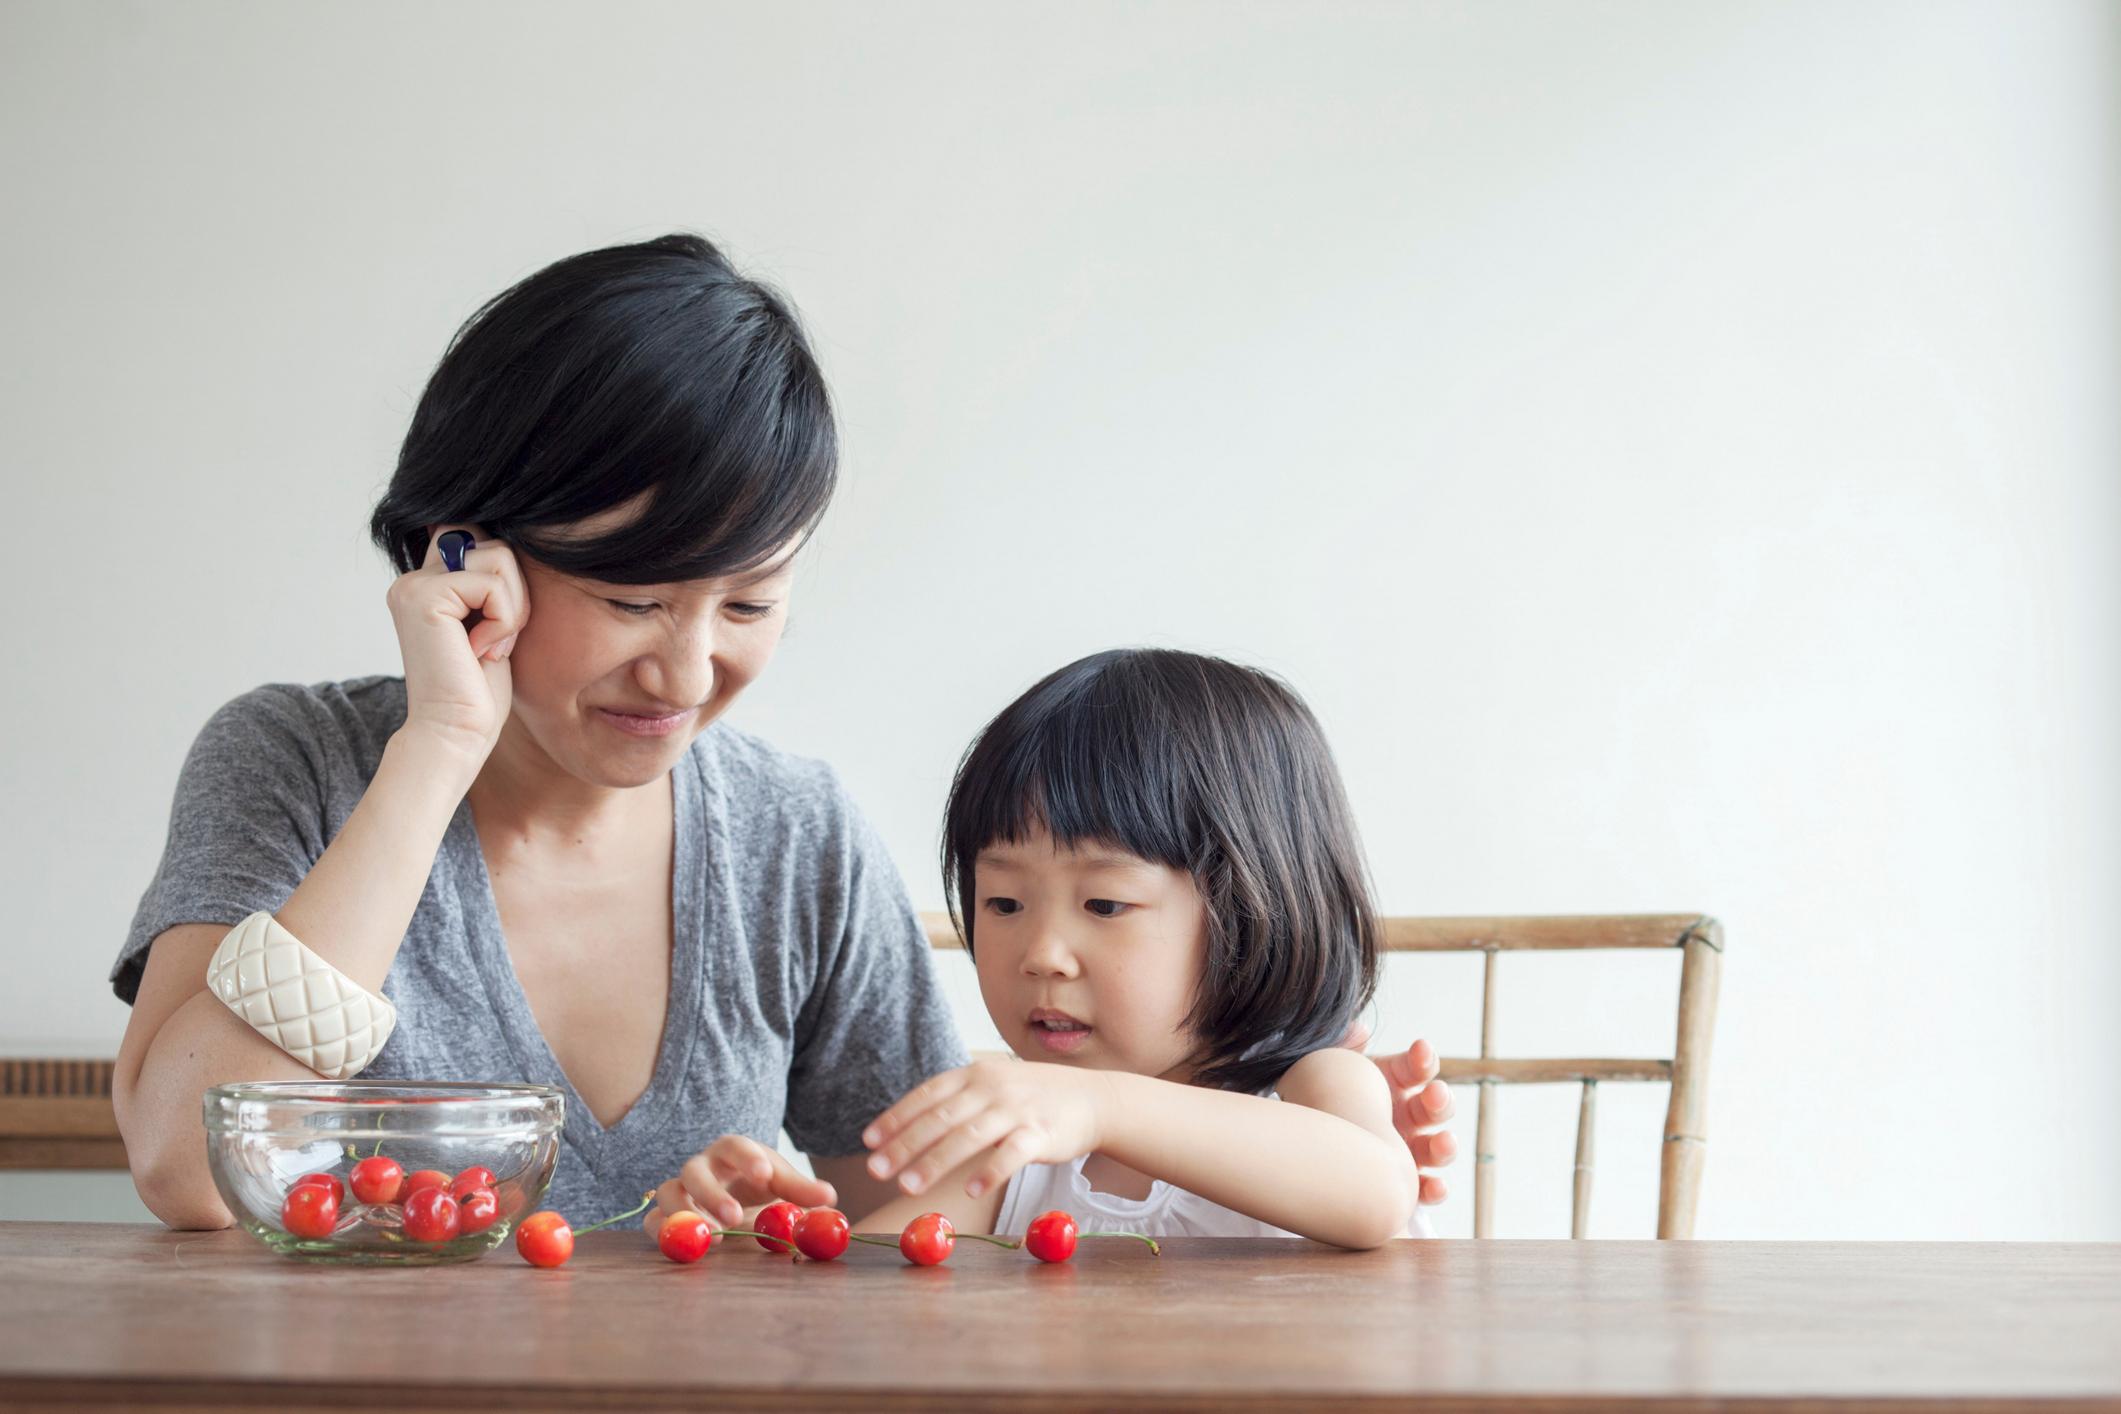 5 Trik Mudah Menghitung Angka Bahasa Inggris untuk Anak-Anak